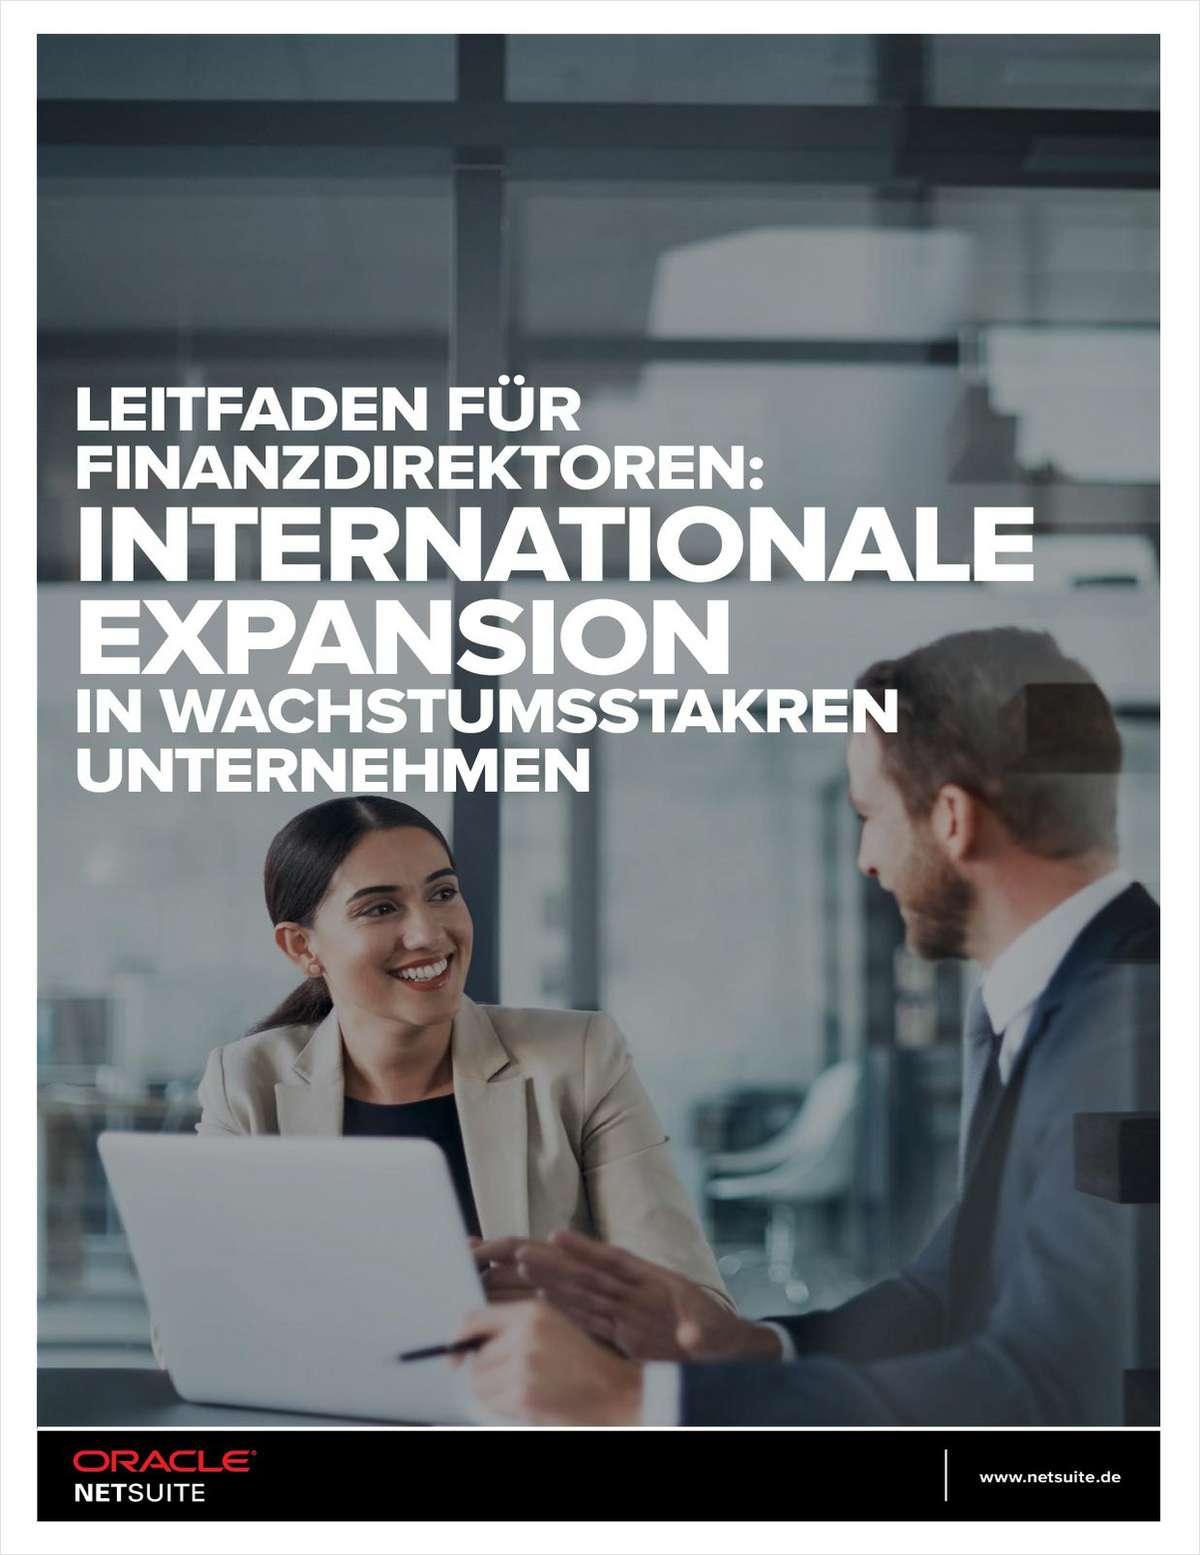 LEITFADEN FÜR FINANZDIREKTOREN: INTERNATIONALE EXPANSION IN WACHSTUMSSTAKREN